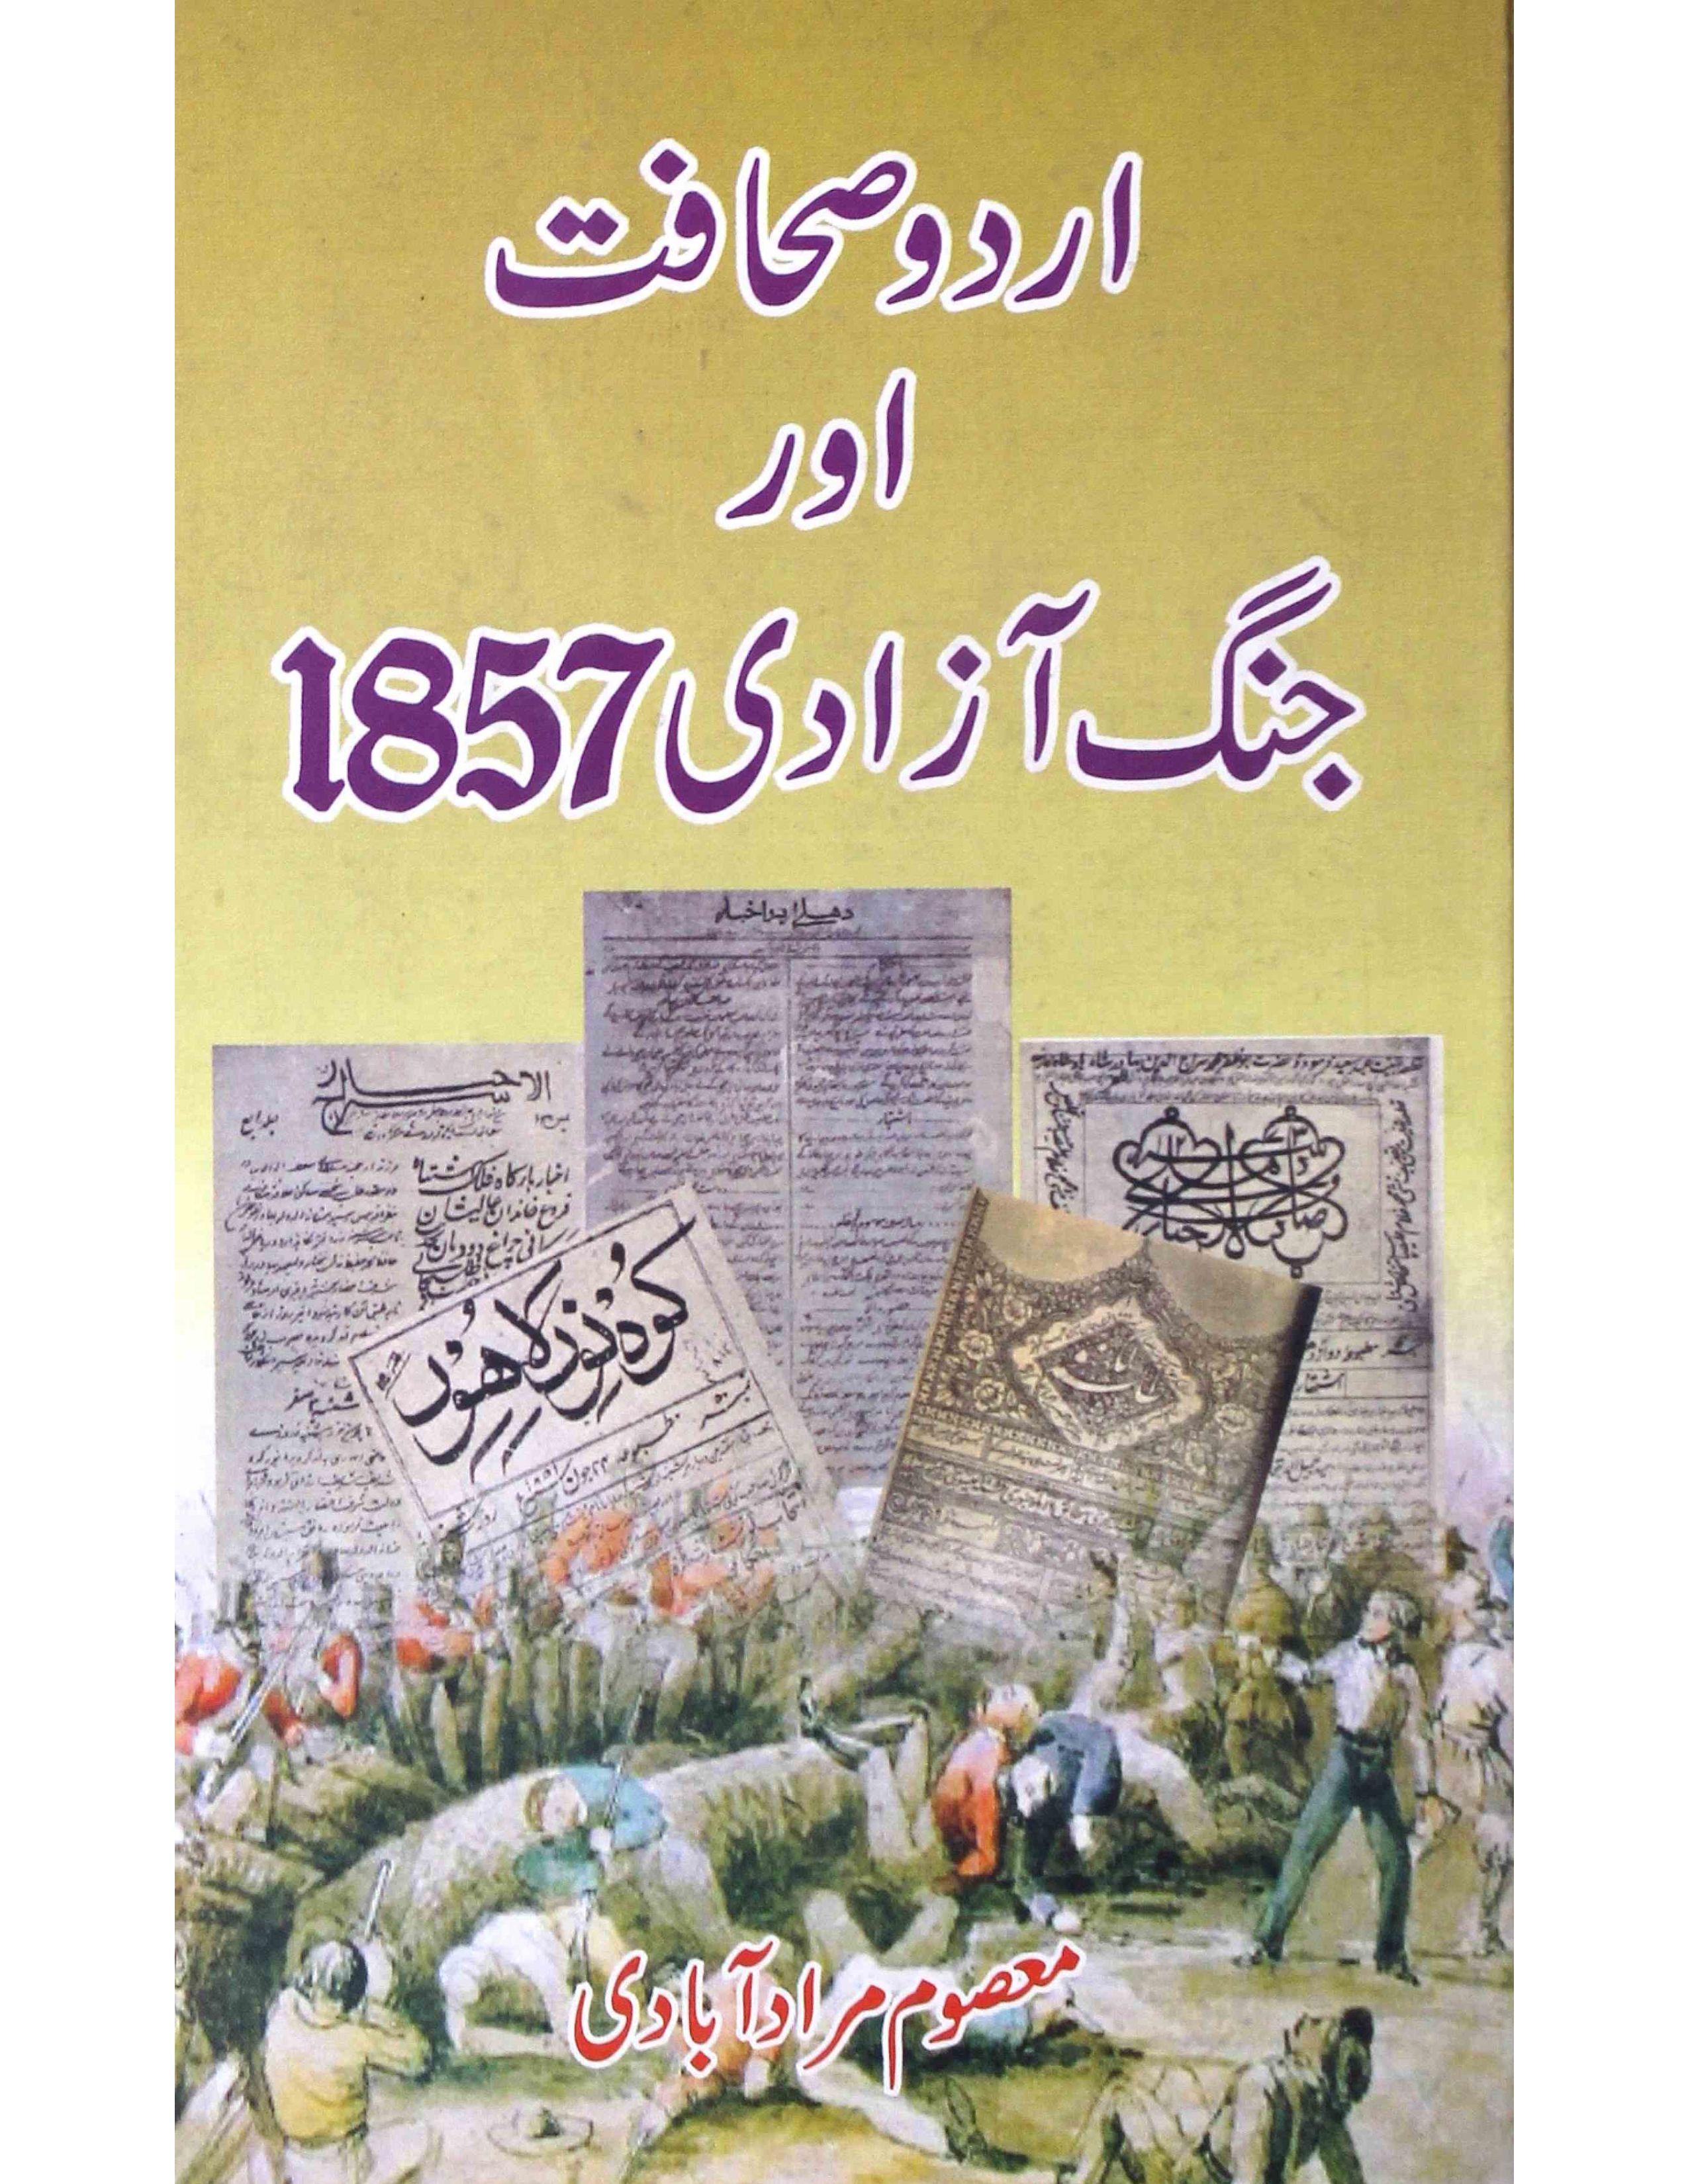 Urdu Sahafat Aur Jang-e-Aazadi 1857